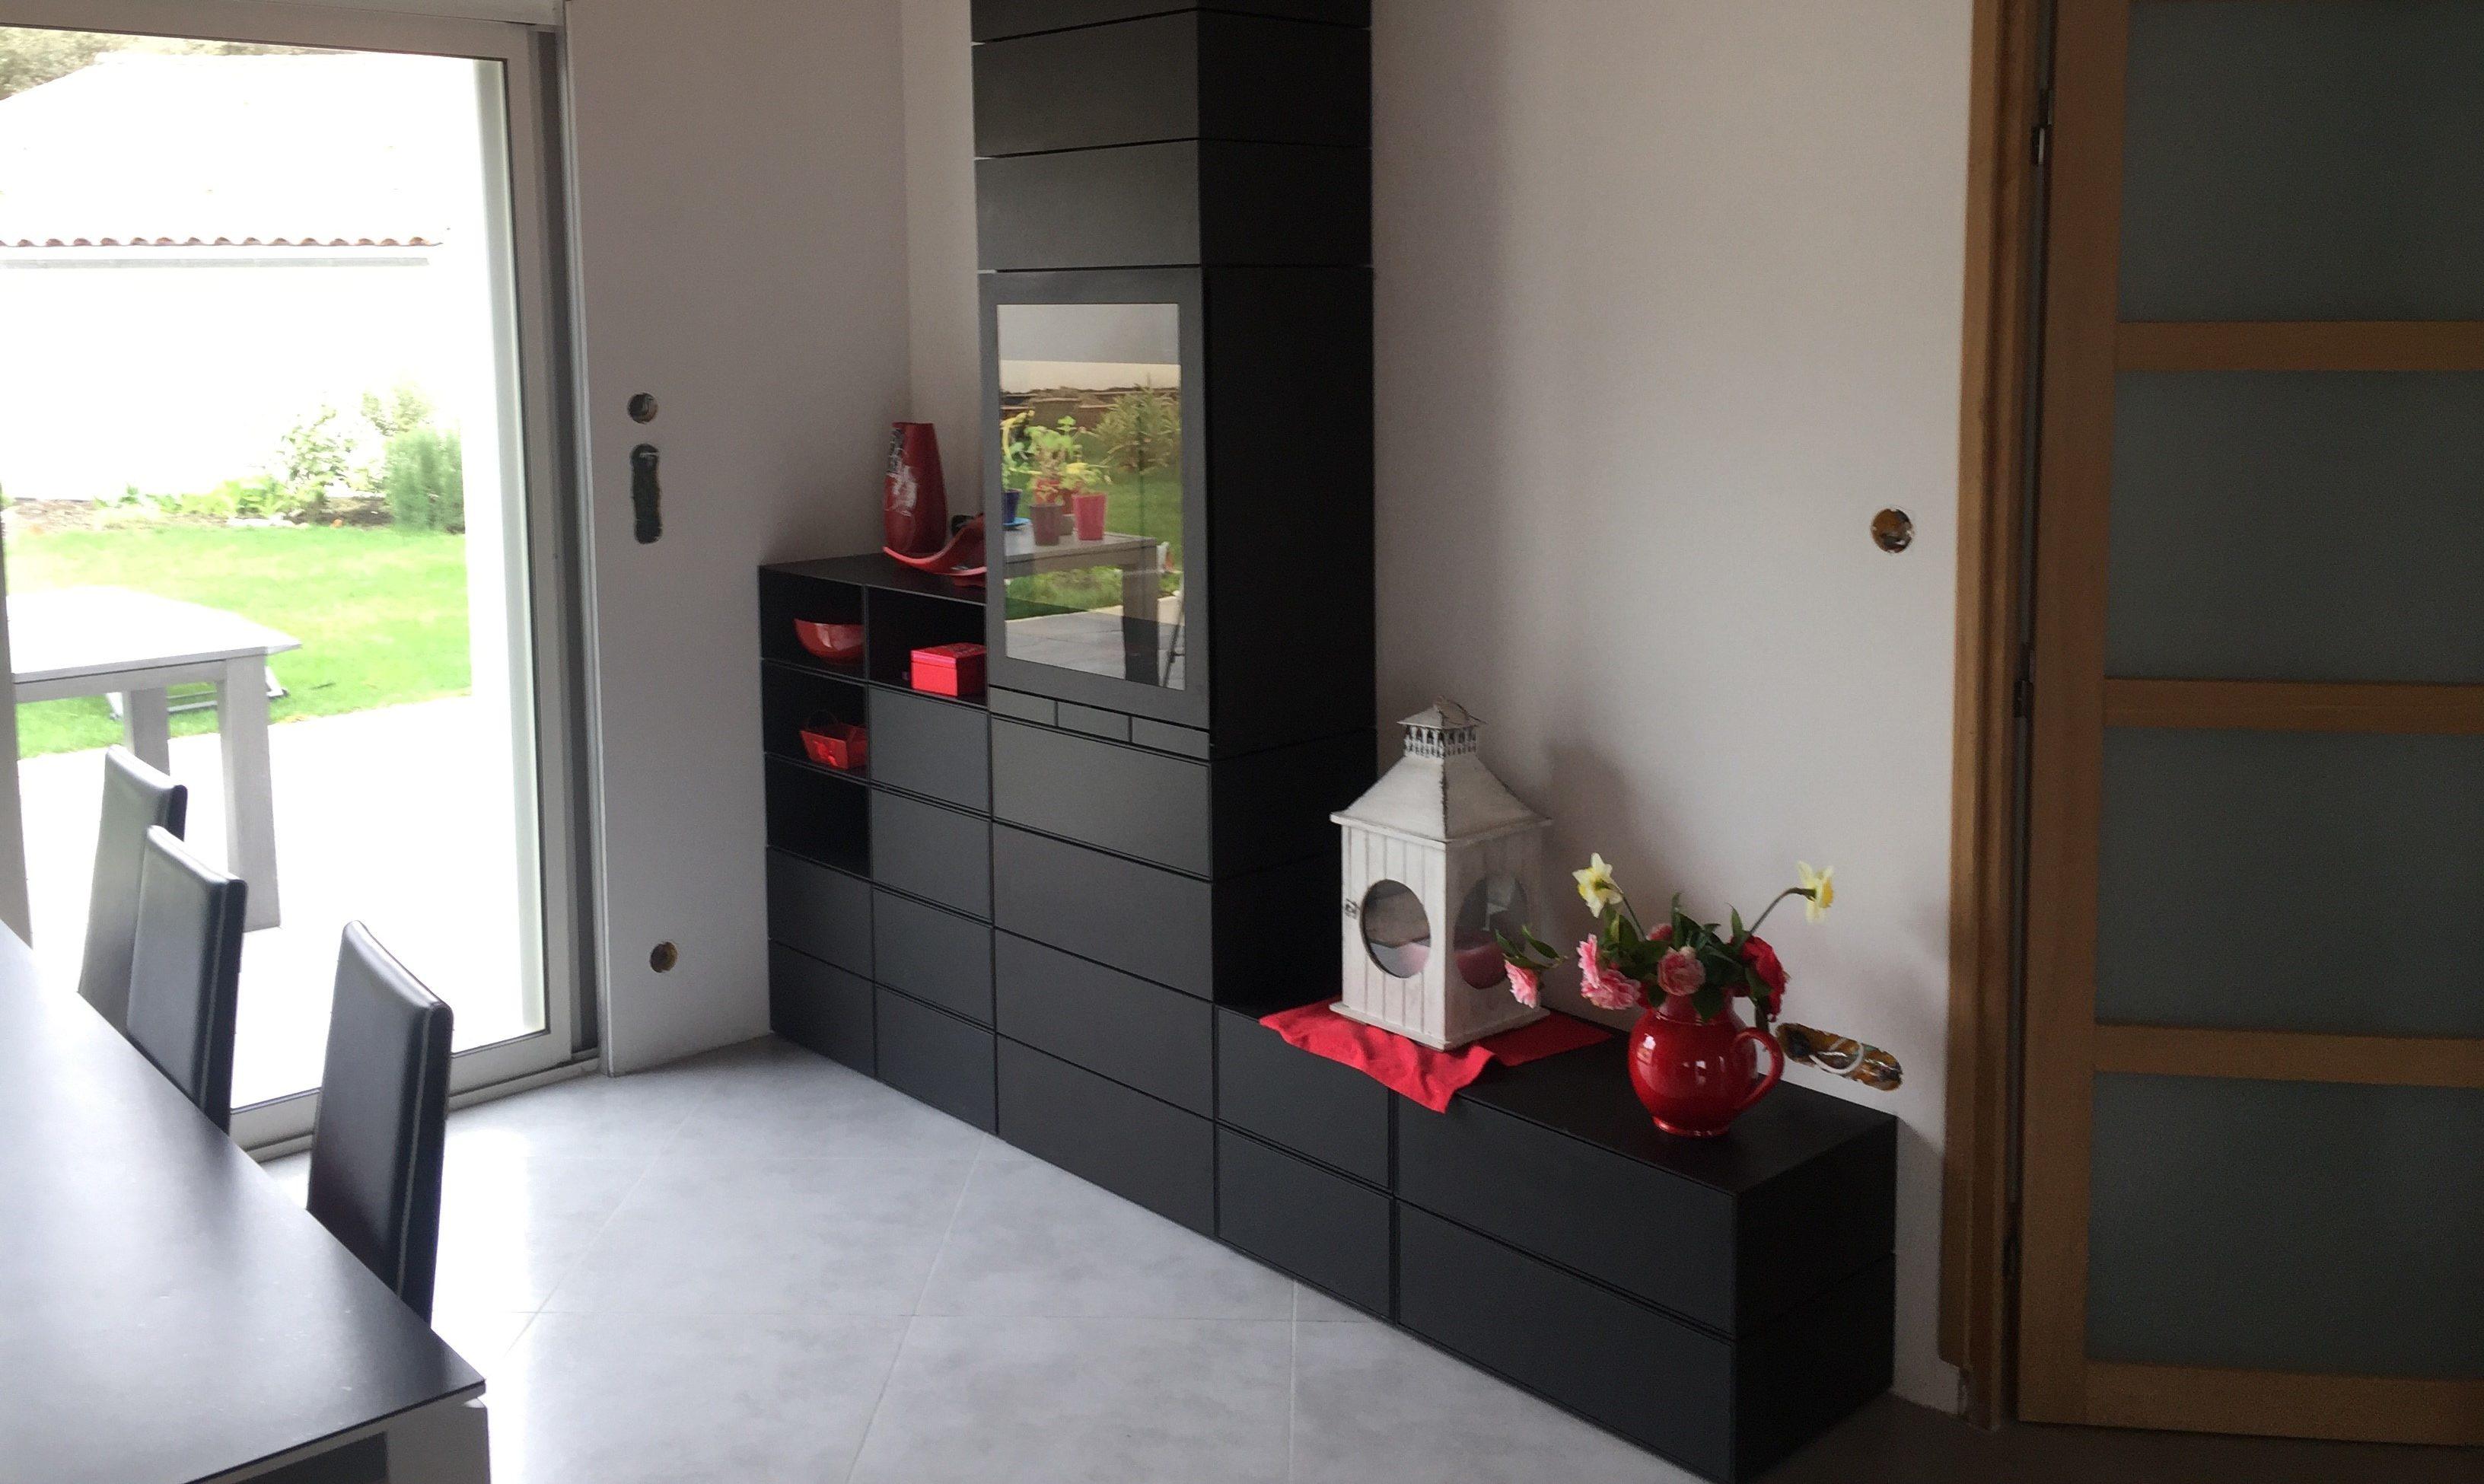 po le bois b ches l ment 603 front avec accumulateur de chaleur 200 kg plus boites. Black Bedroom Furniture Sets. Home Design Ideas